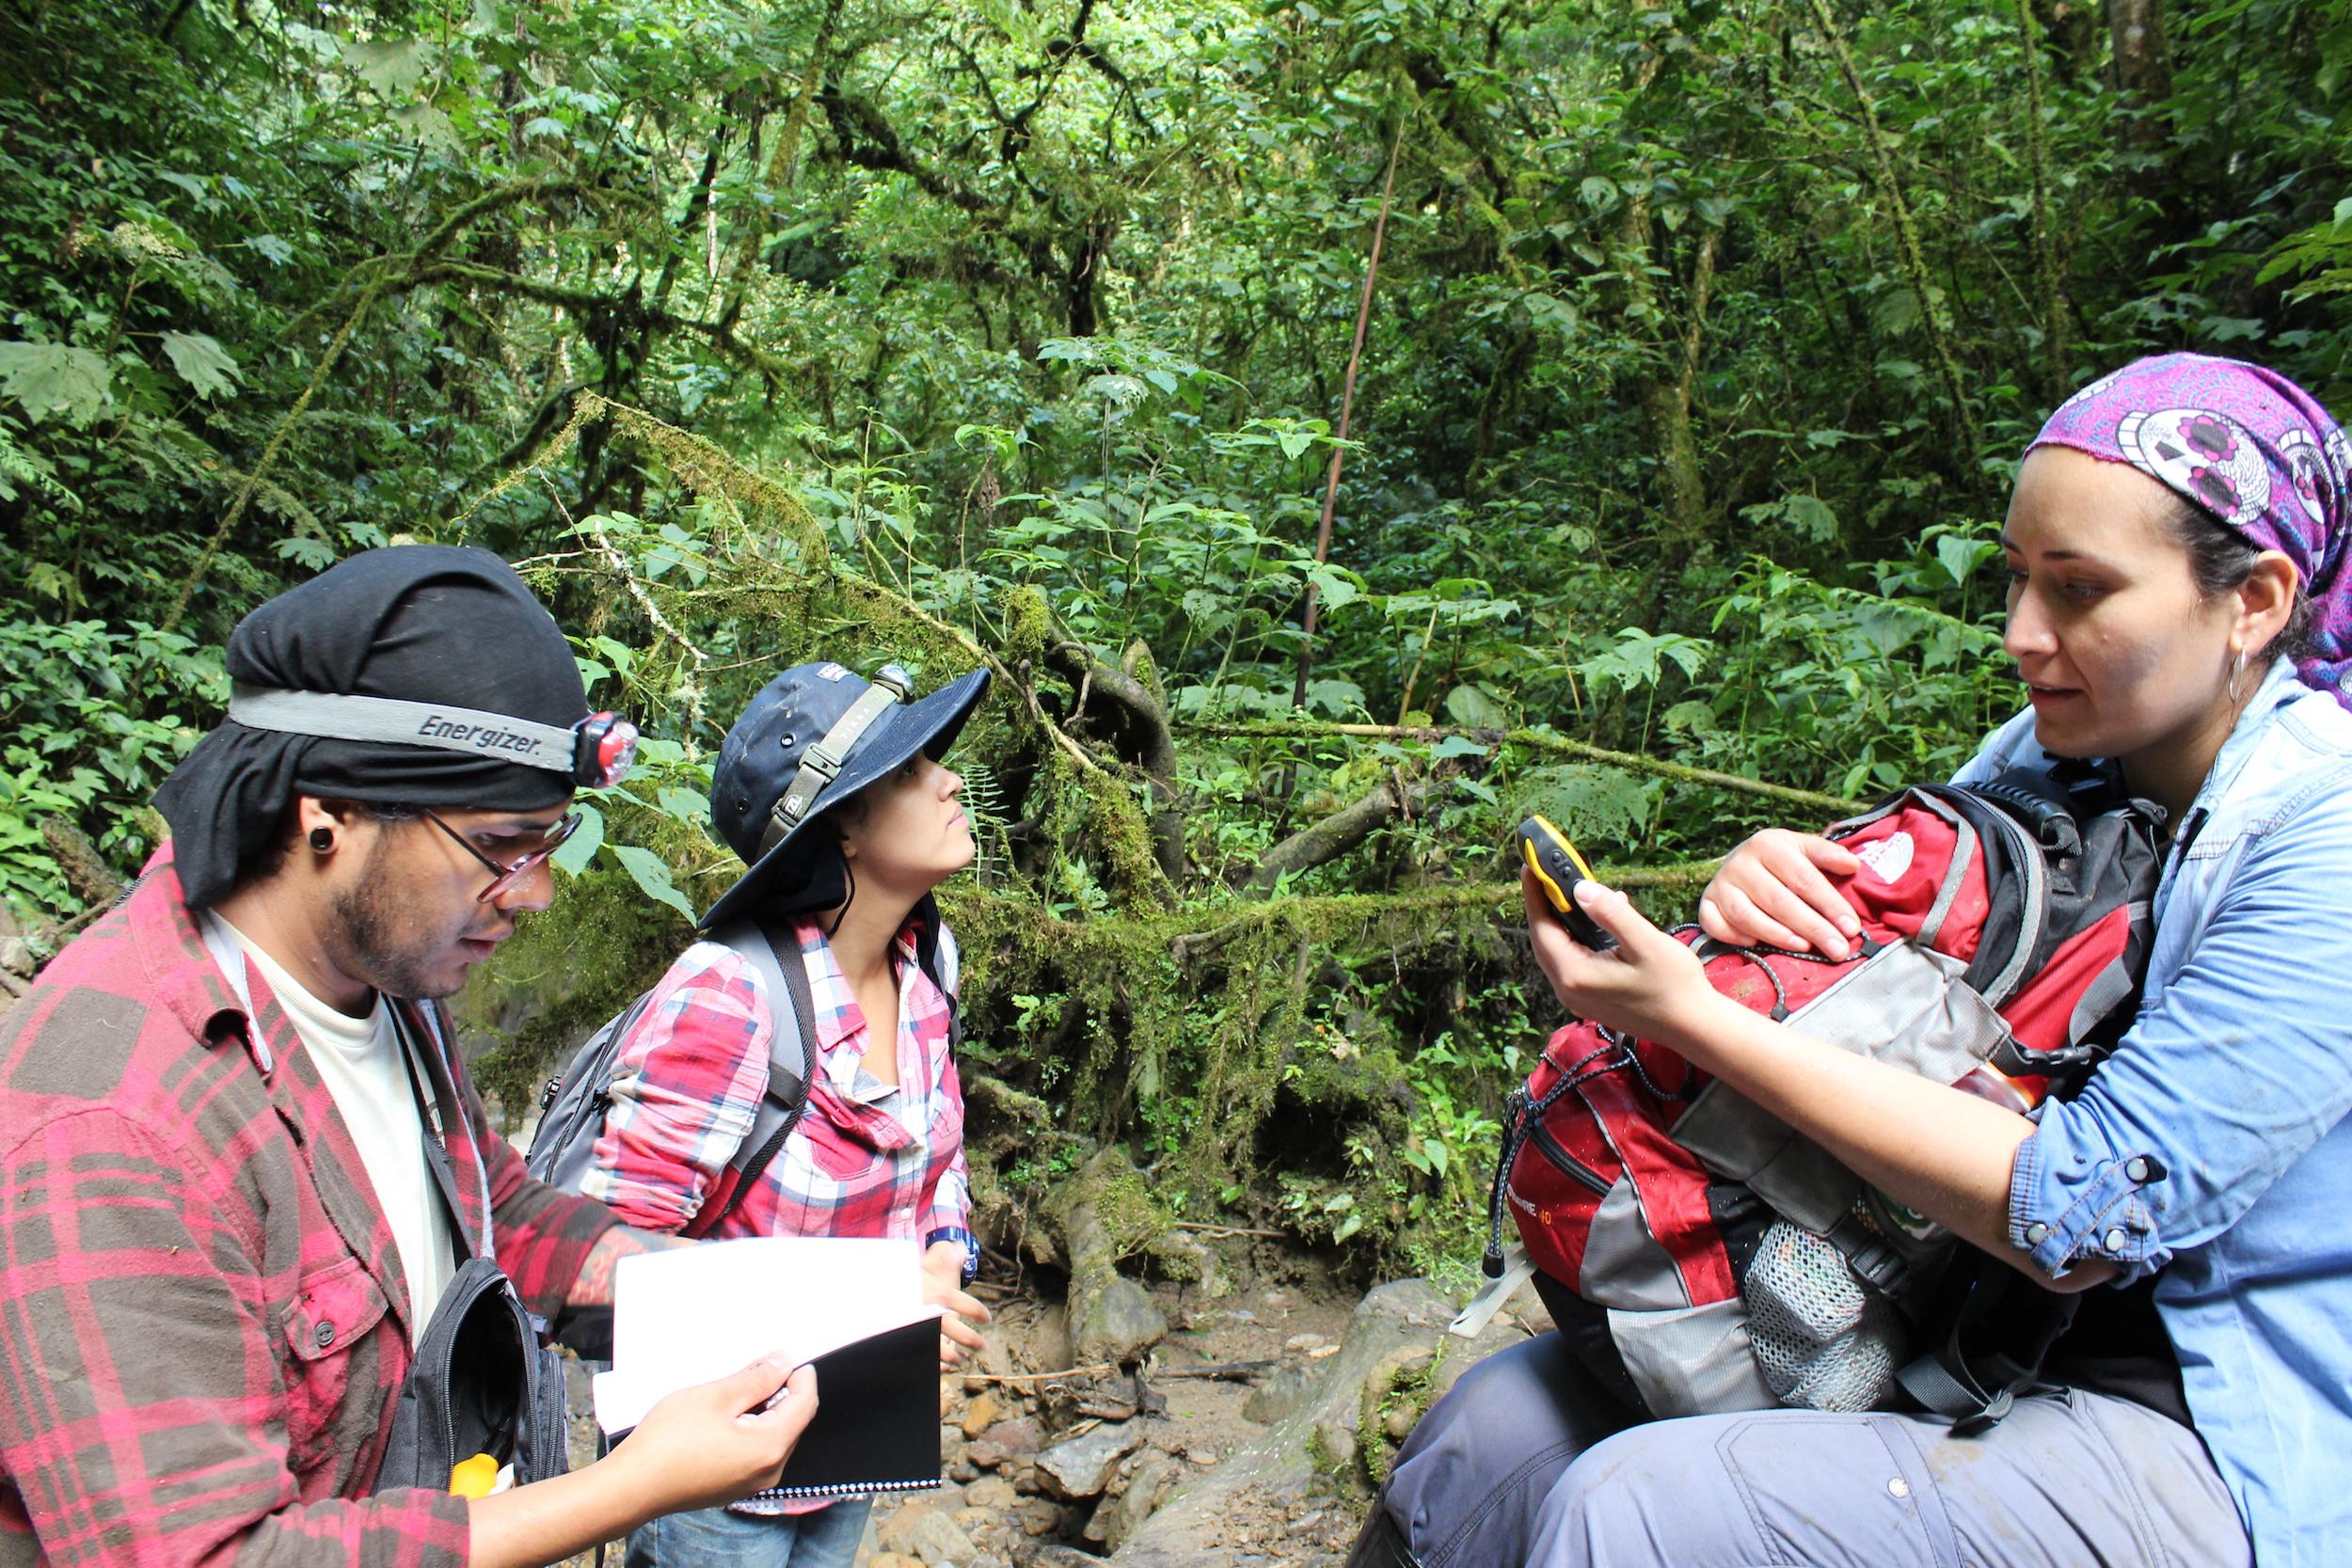 Una campaña de recaudación de fondos ayudó a los científicos a continuar con sus expediciones. Foto: Stephane Knoll.